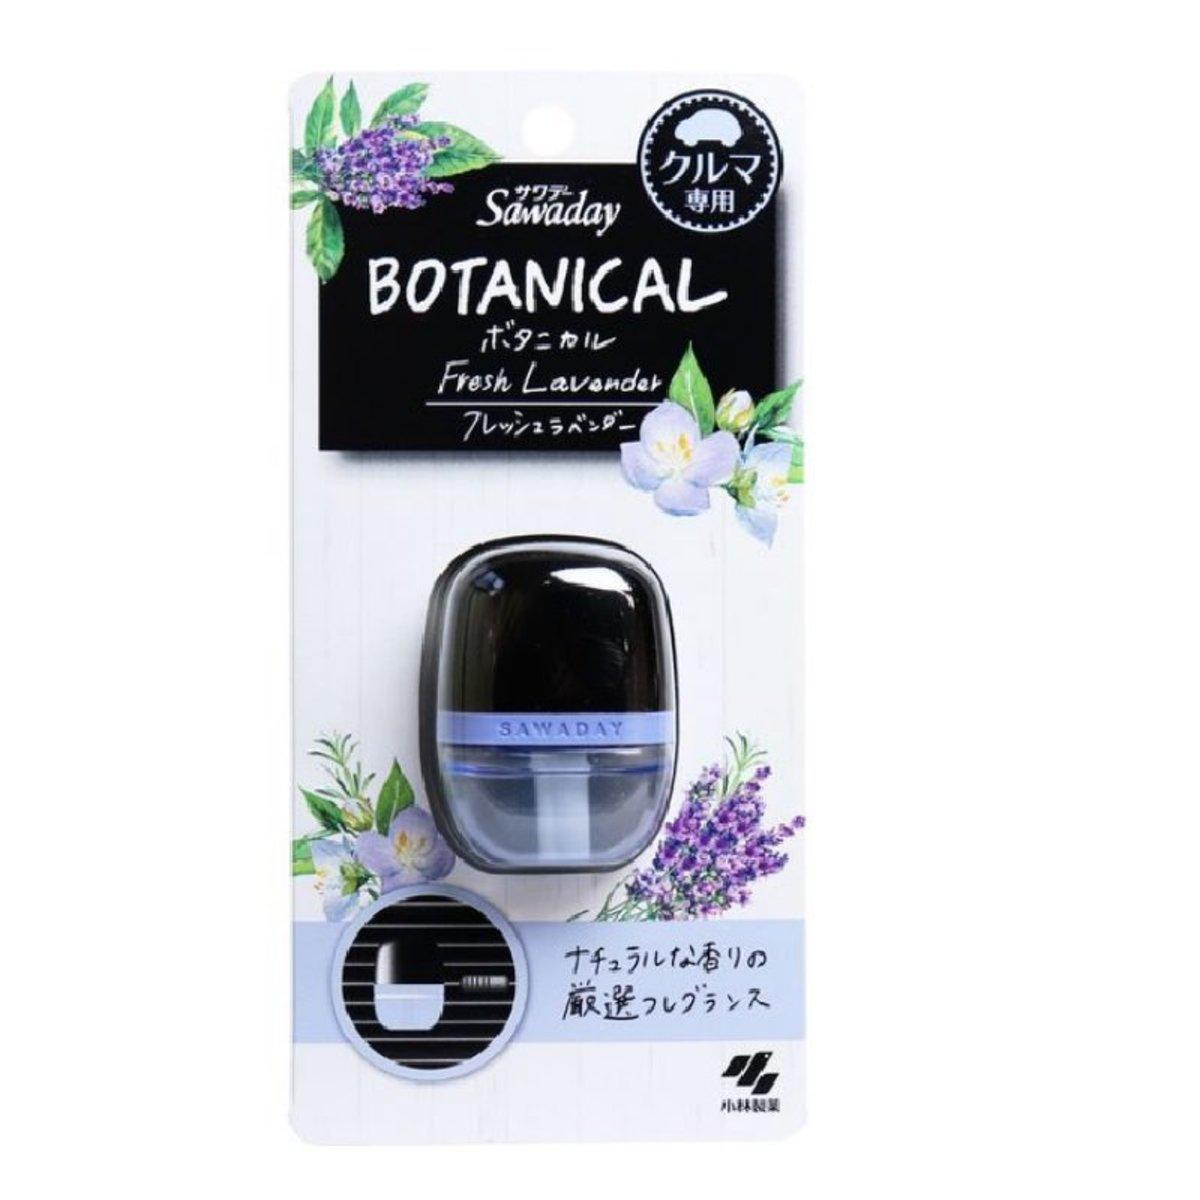 小林製薬 Sawaday 汽車用夾式植物香水# 薰衣草 6ml